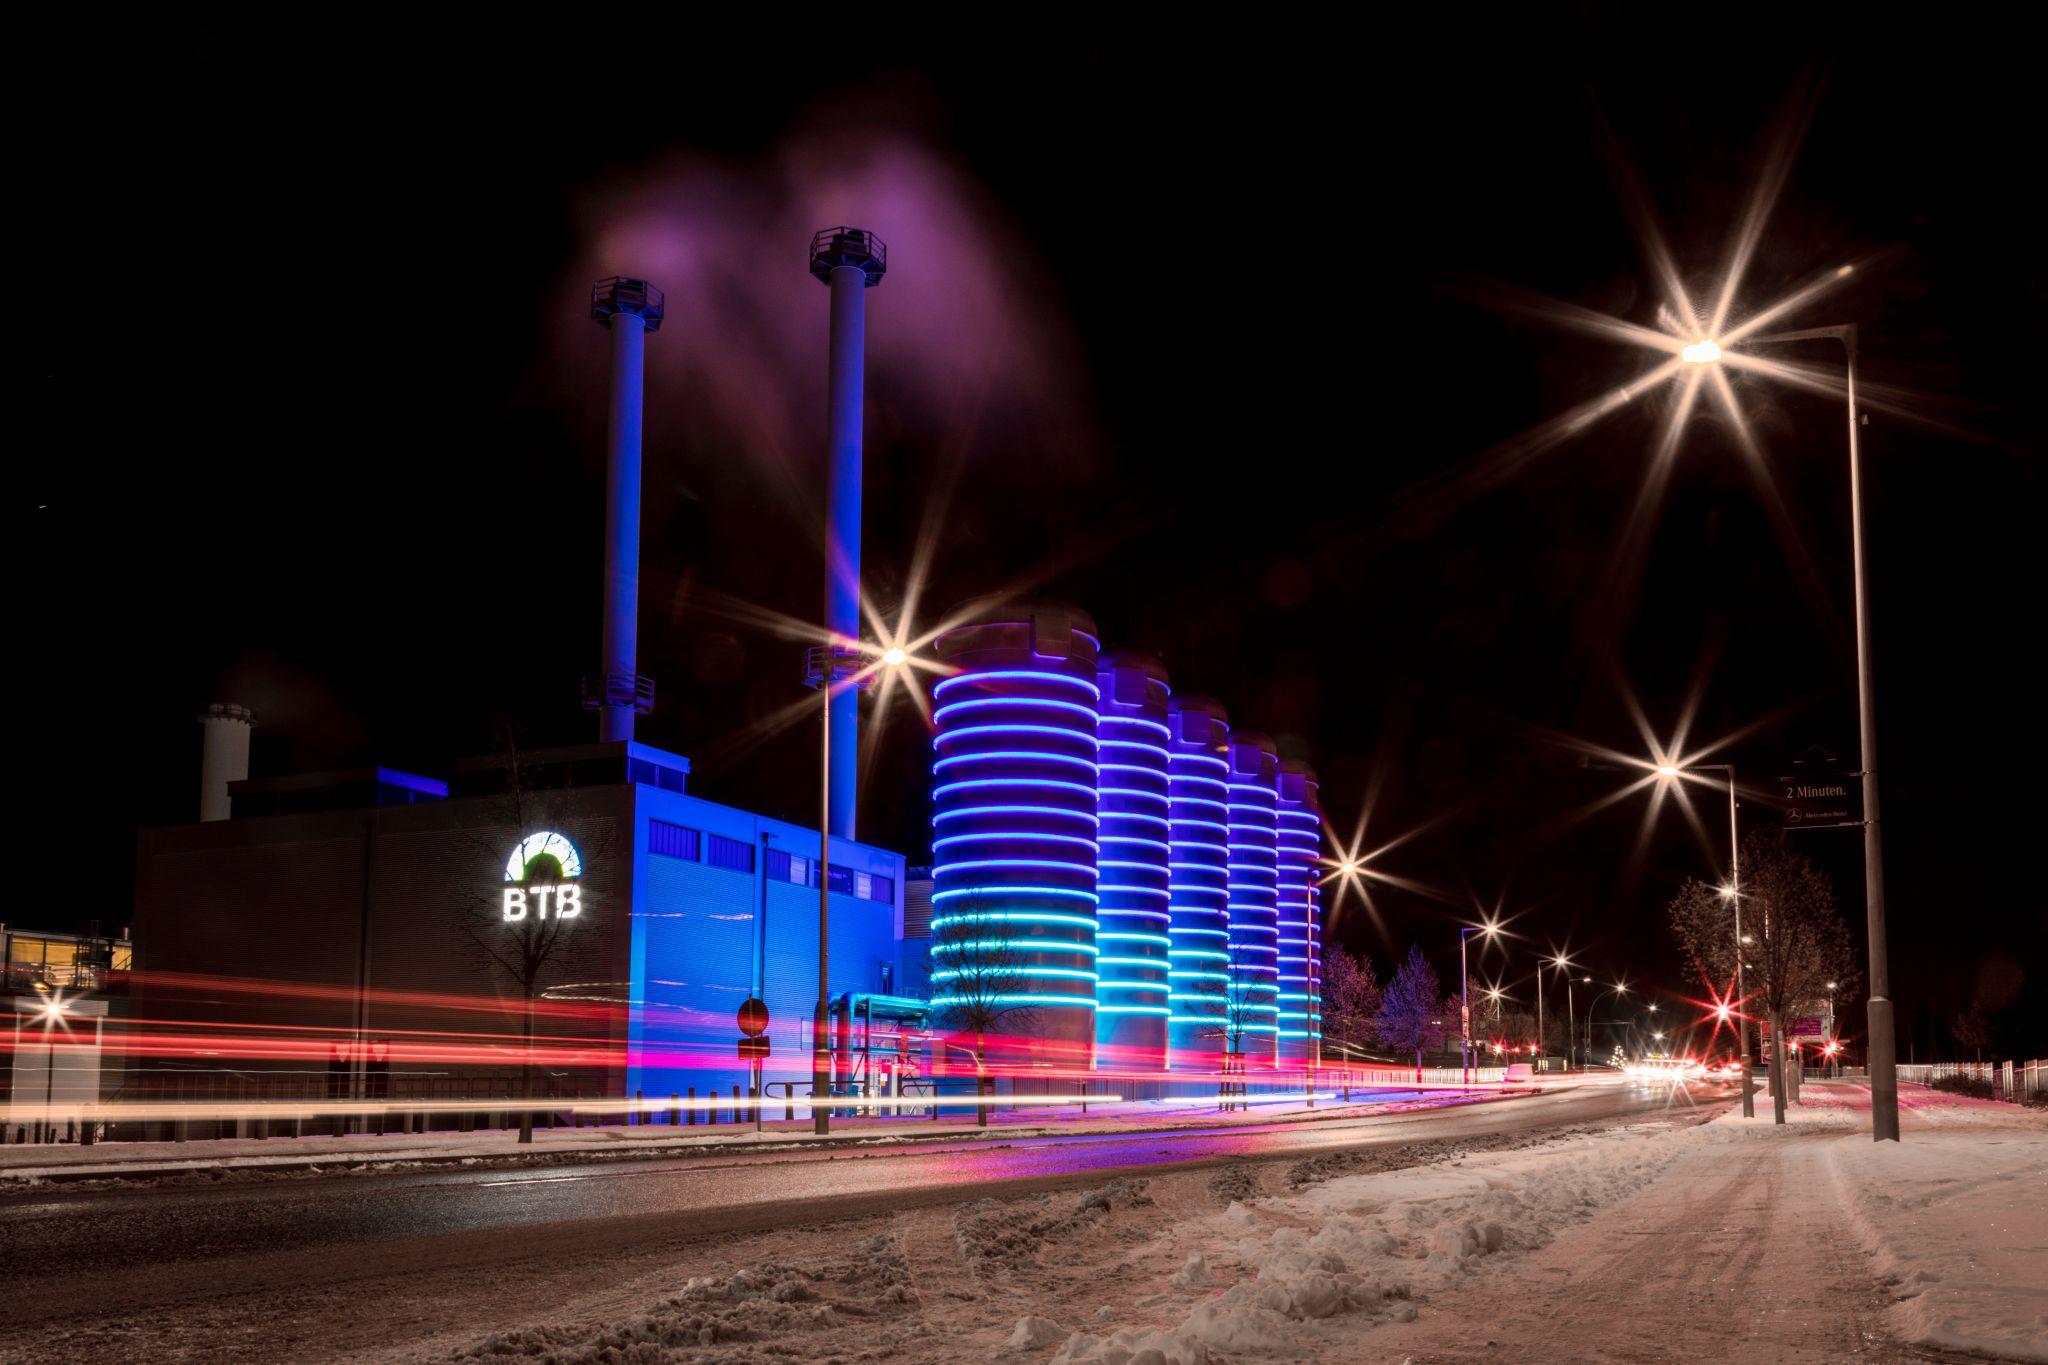 BTB Adlershof, Germany